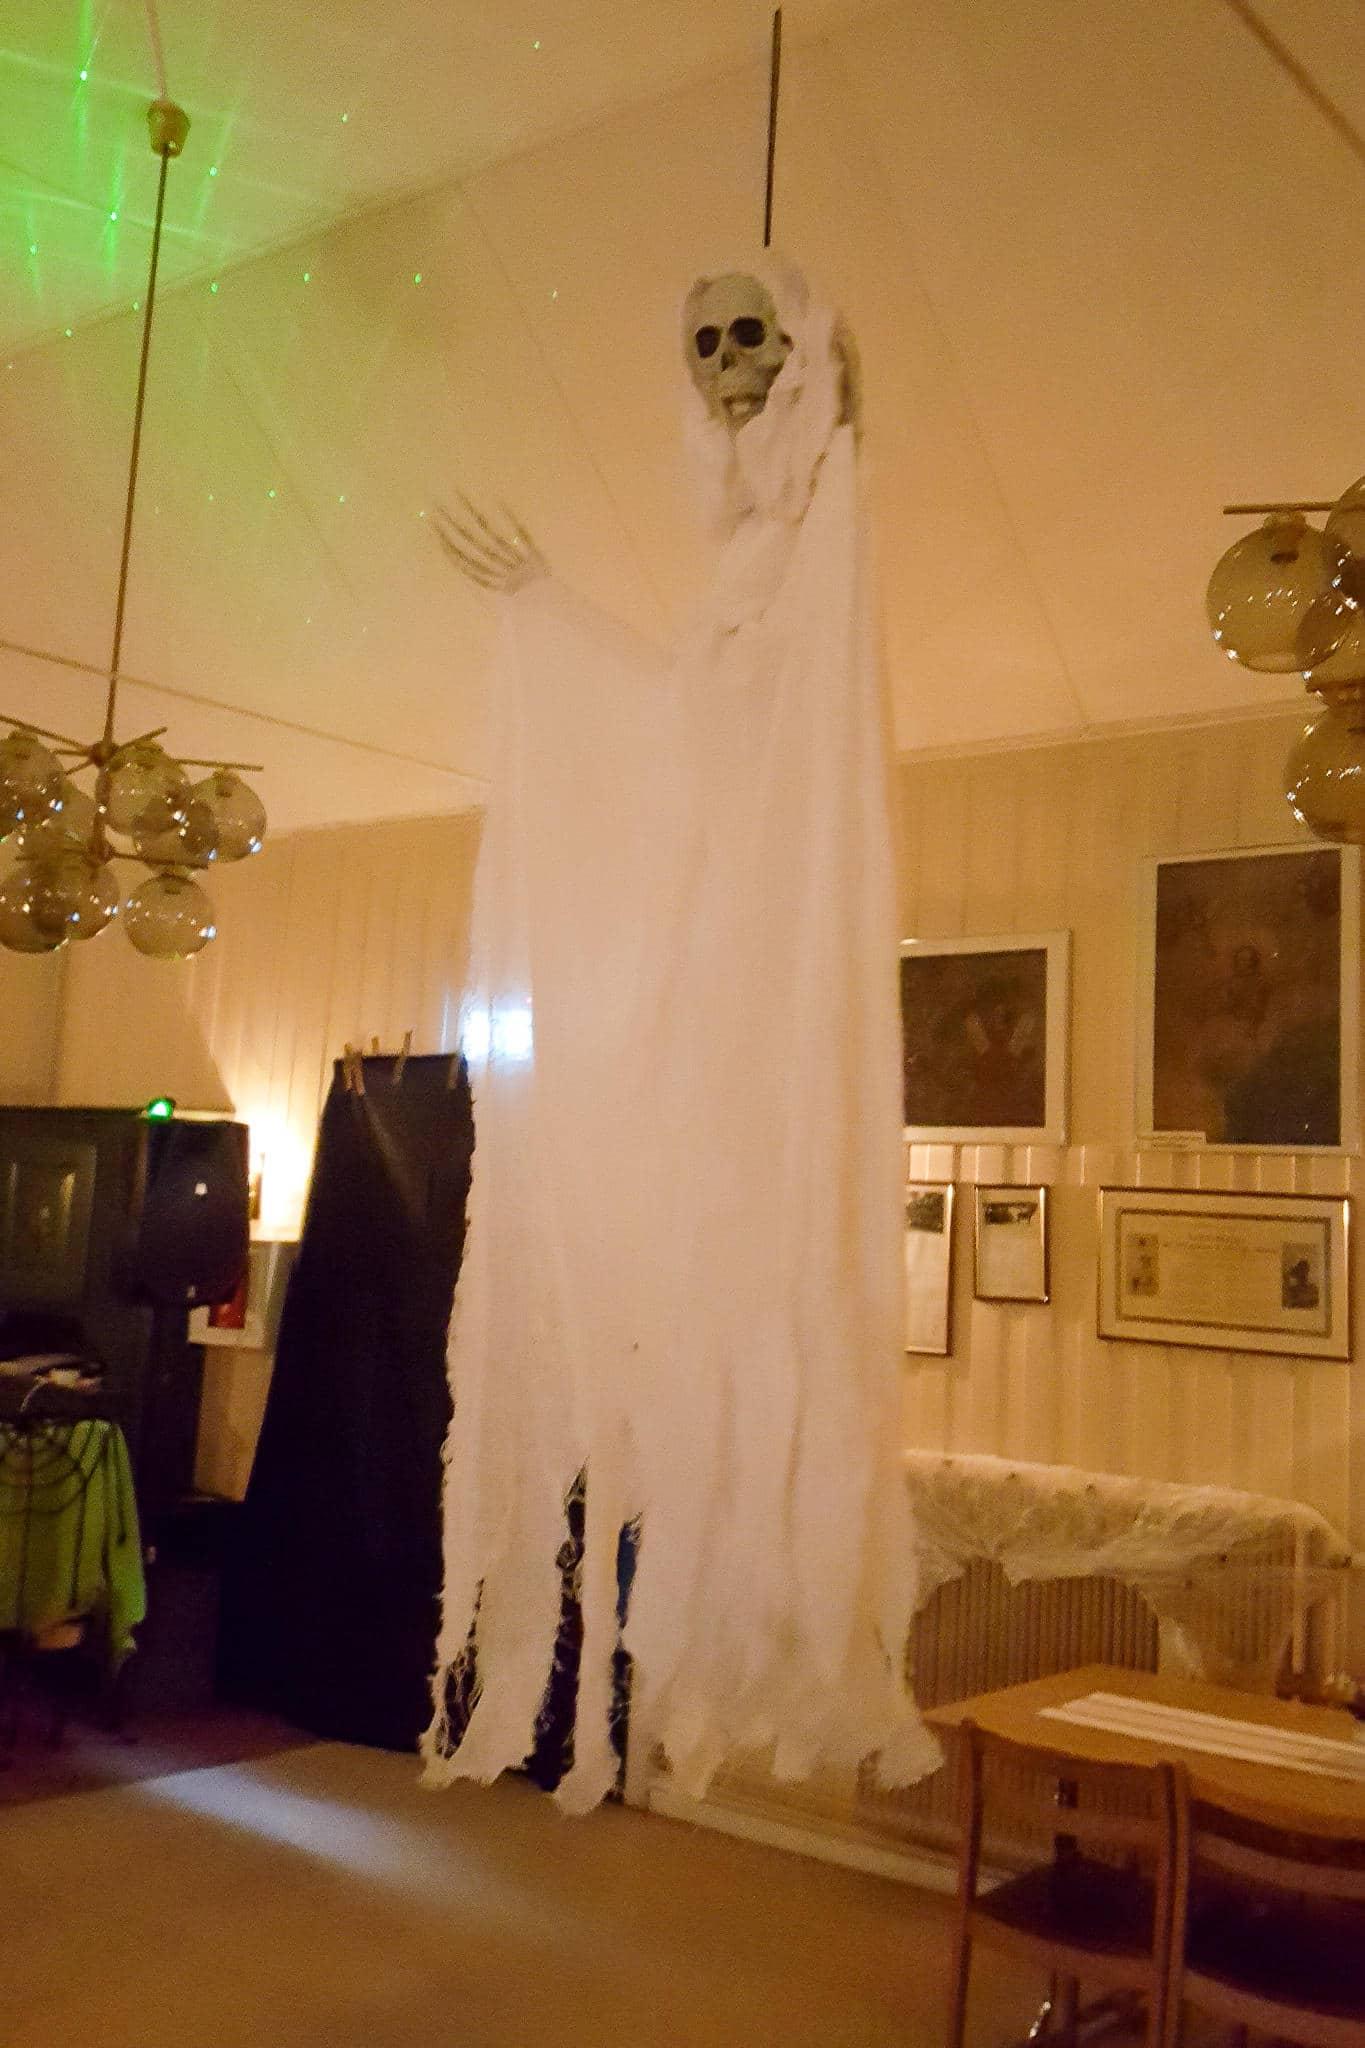 På Församlingshemmet anordnade Kyrkan en spöklik kväll med tipsrunda, gofika och disco. Foto: B-G Eliasson